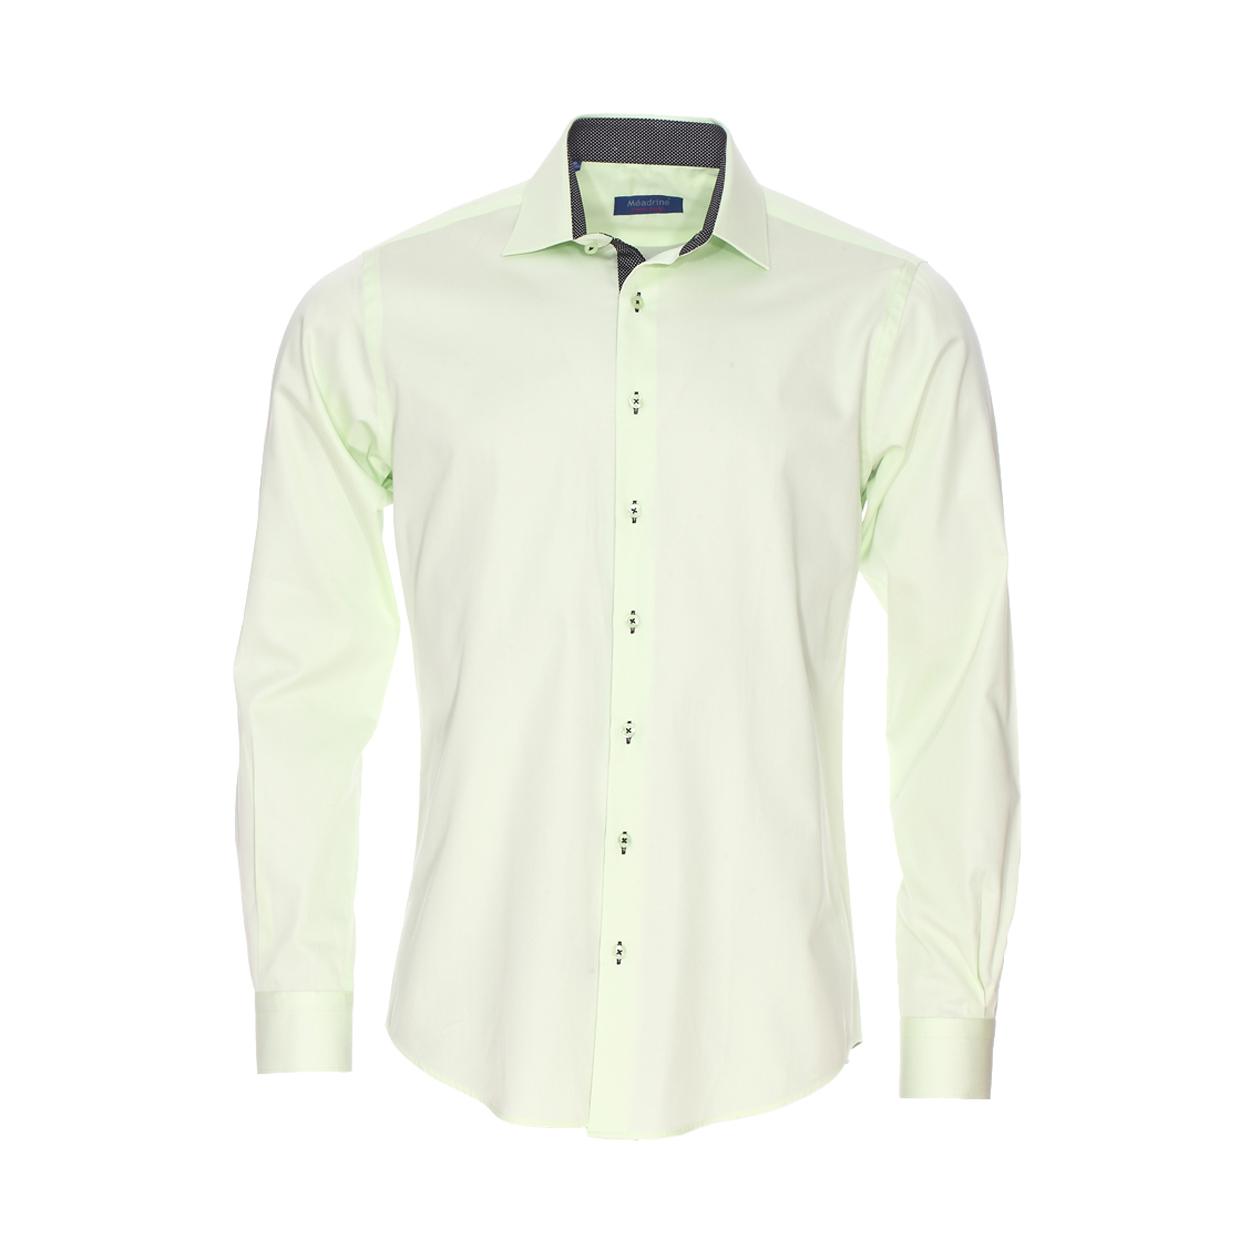 Chemise cintrée  en coton vert à opposition noire à pois blancs